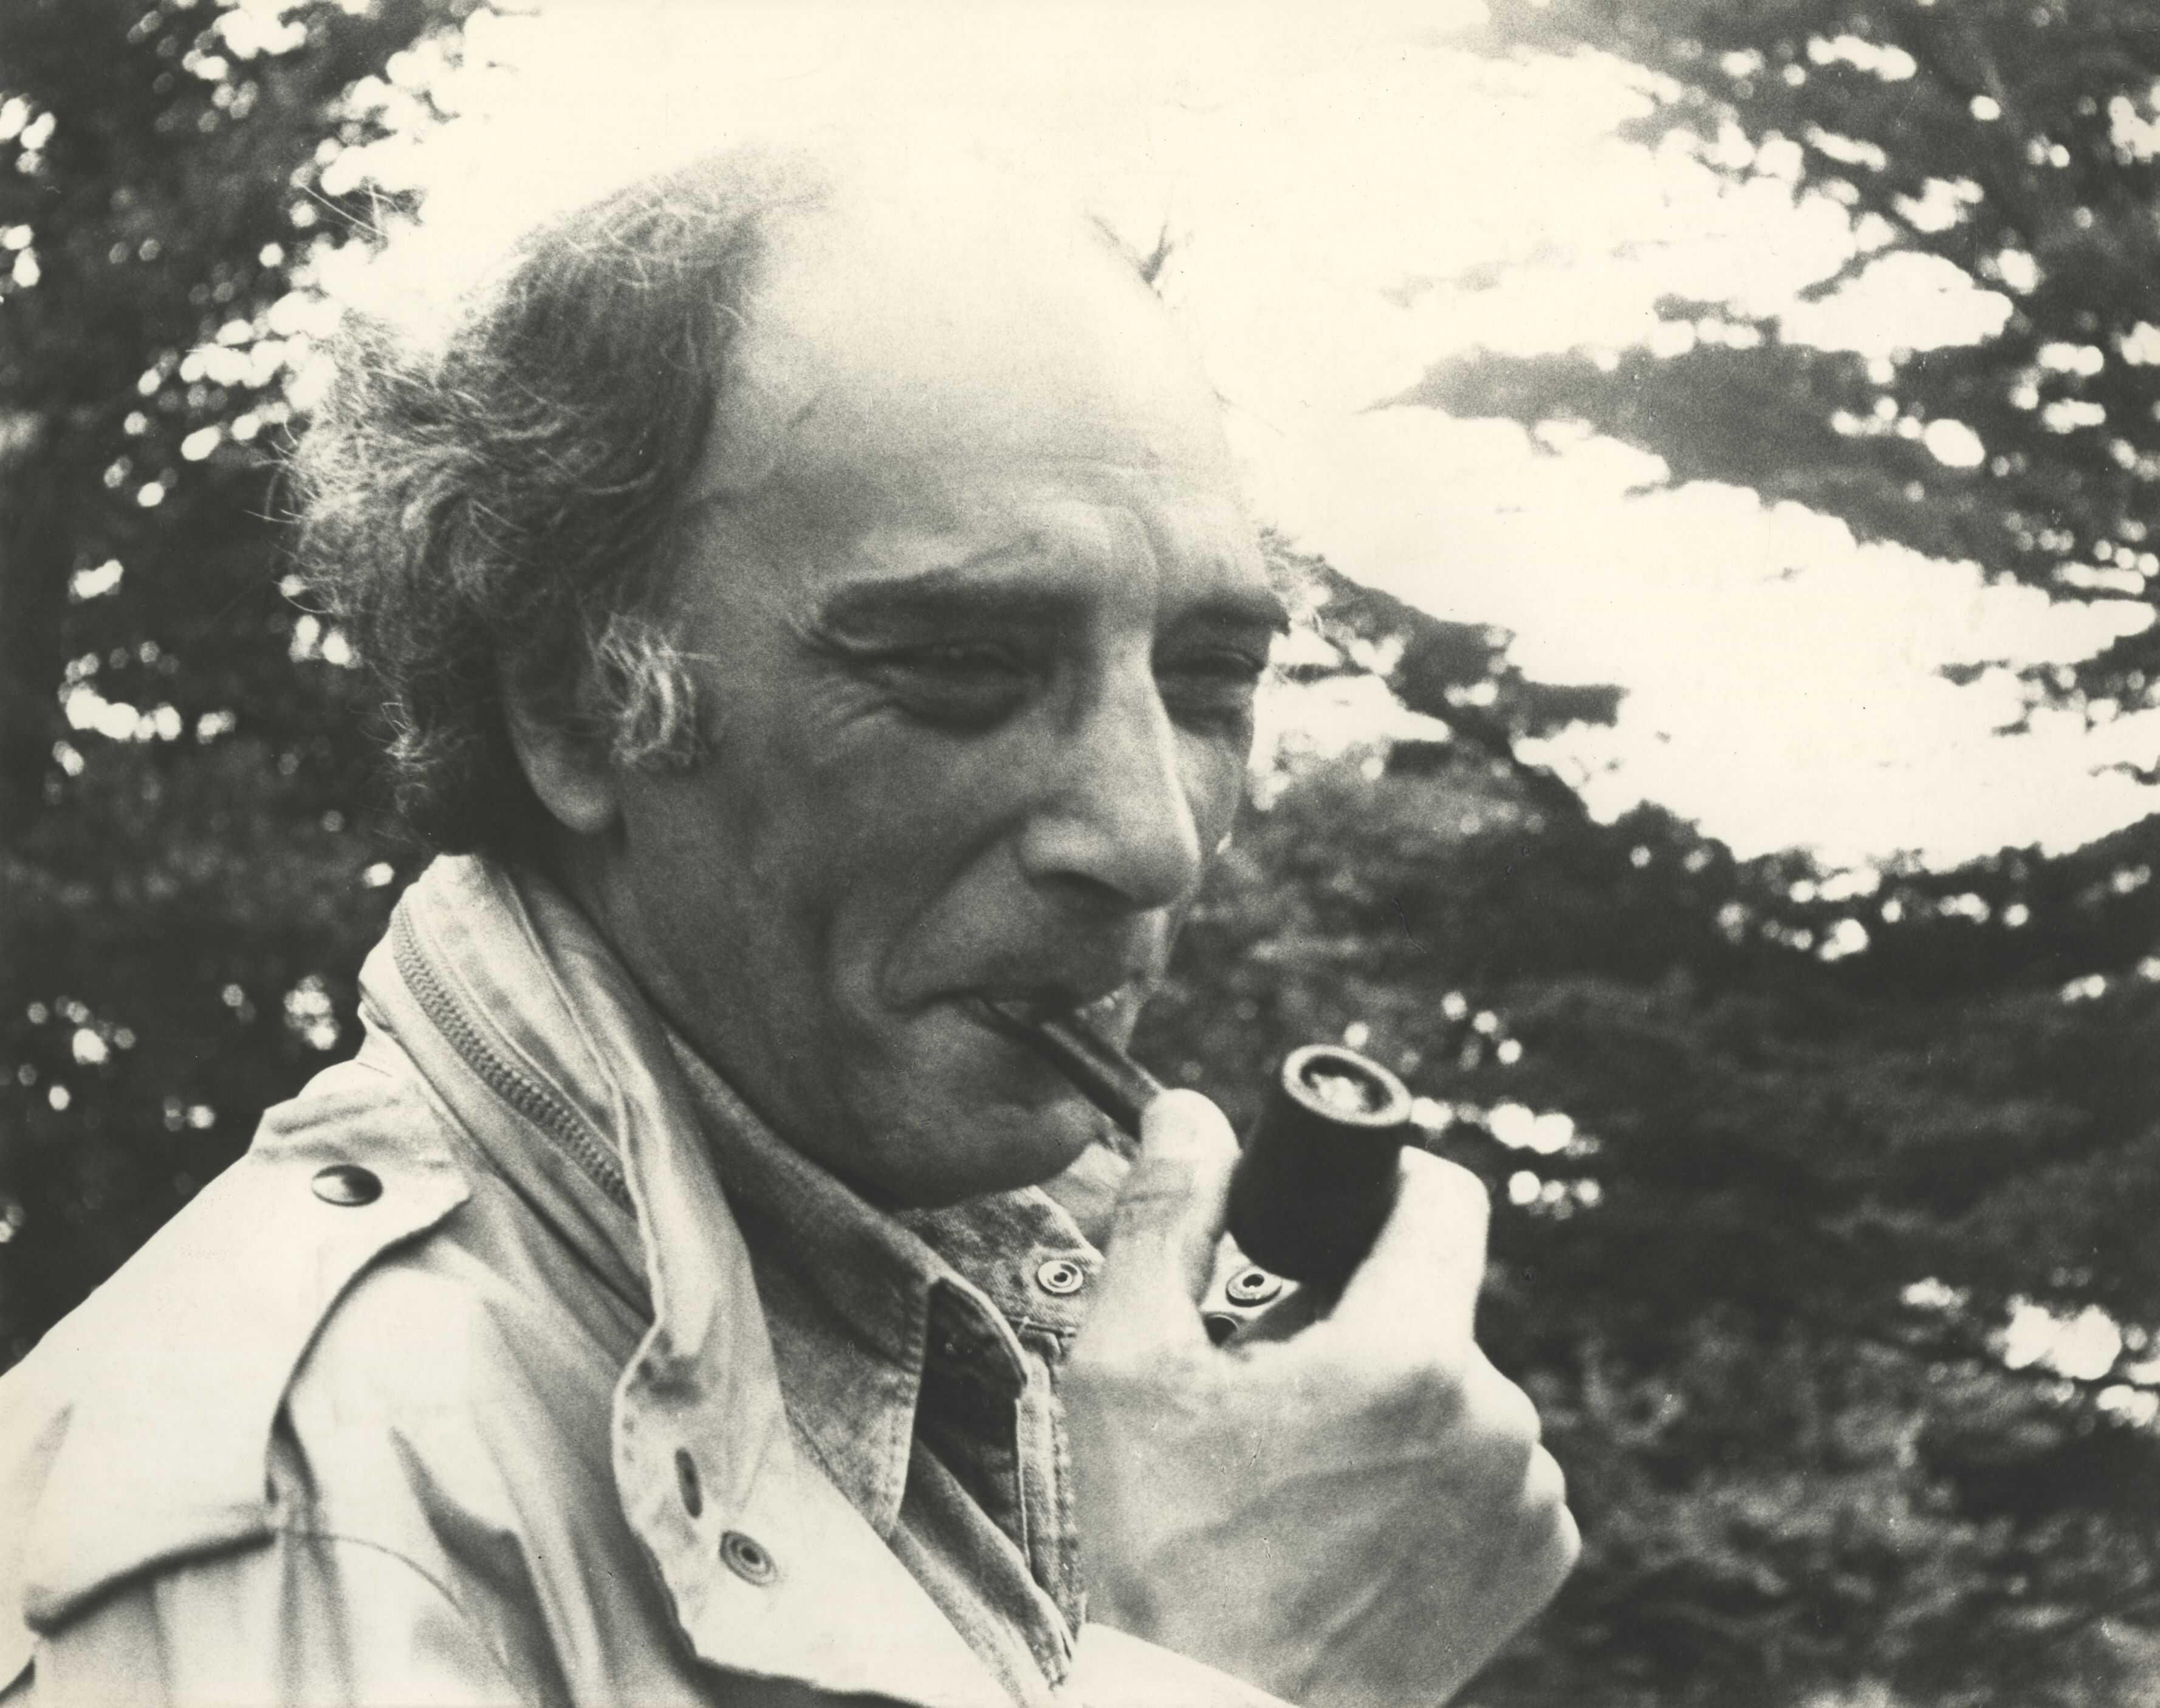 image for Stein, Conrad (1924-2010)